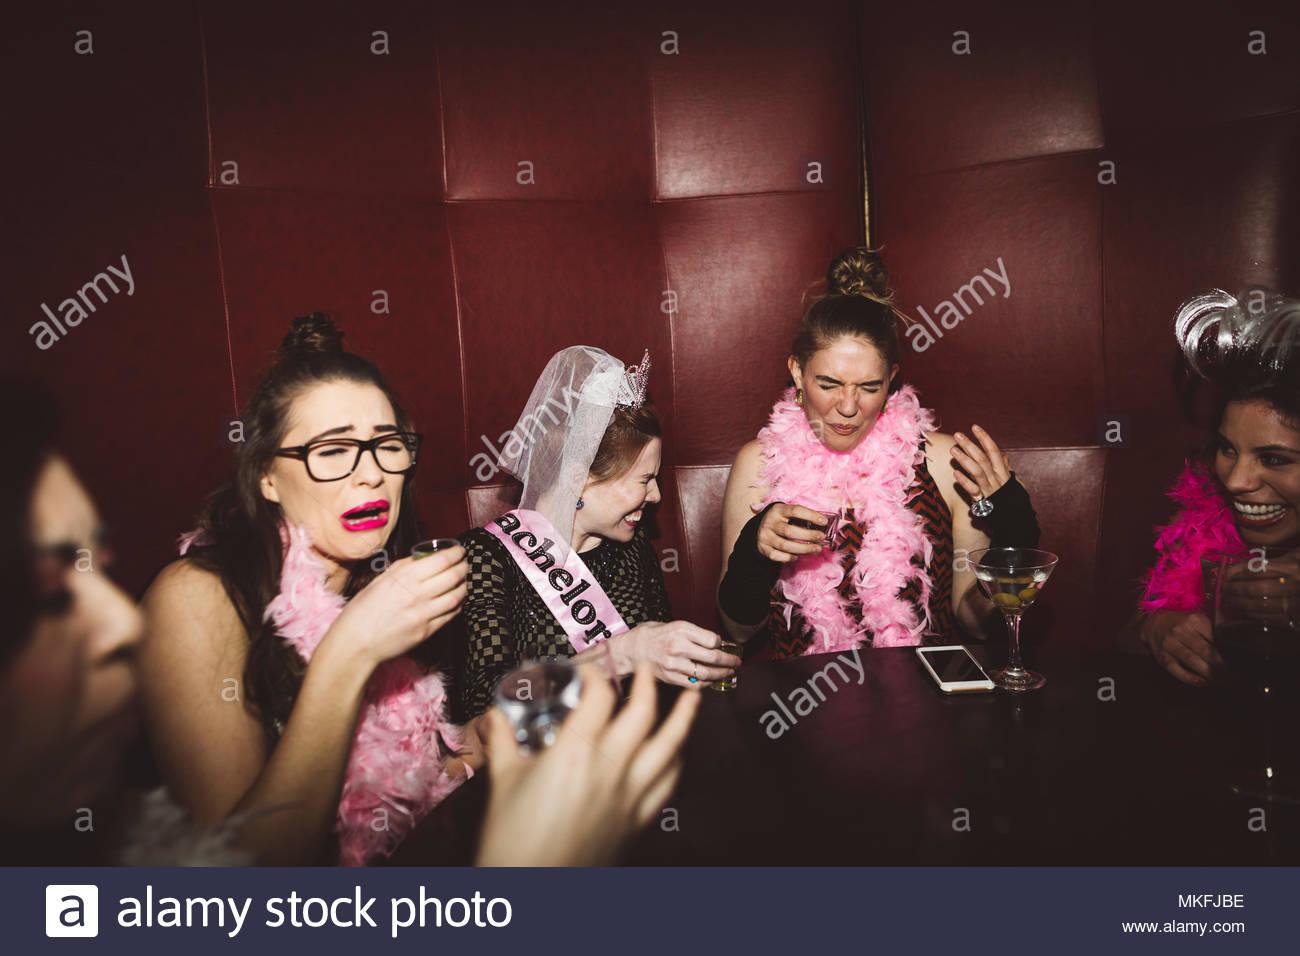 Giovane femmina amici millenario di prendere colpi di addio al nubilato party presso la discoteca Immagini Stock